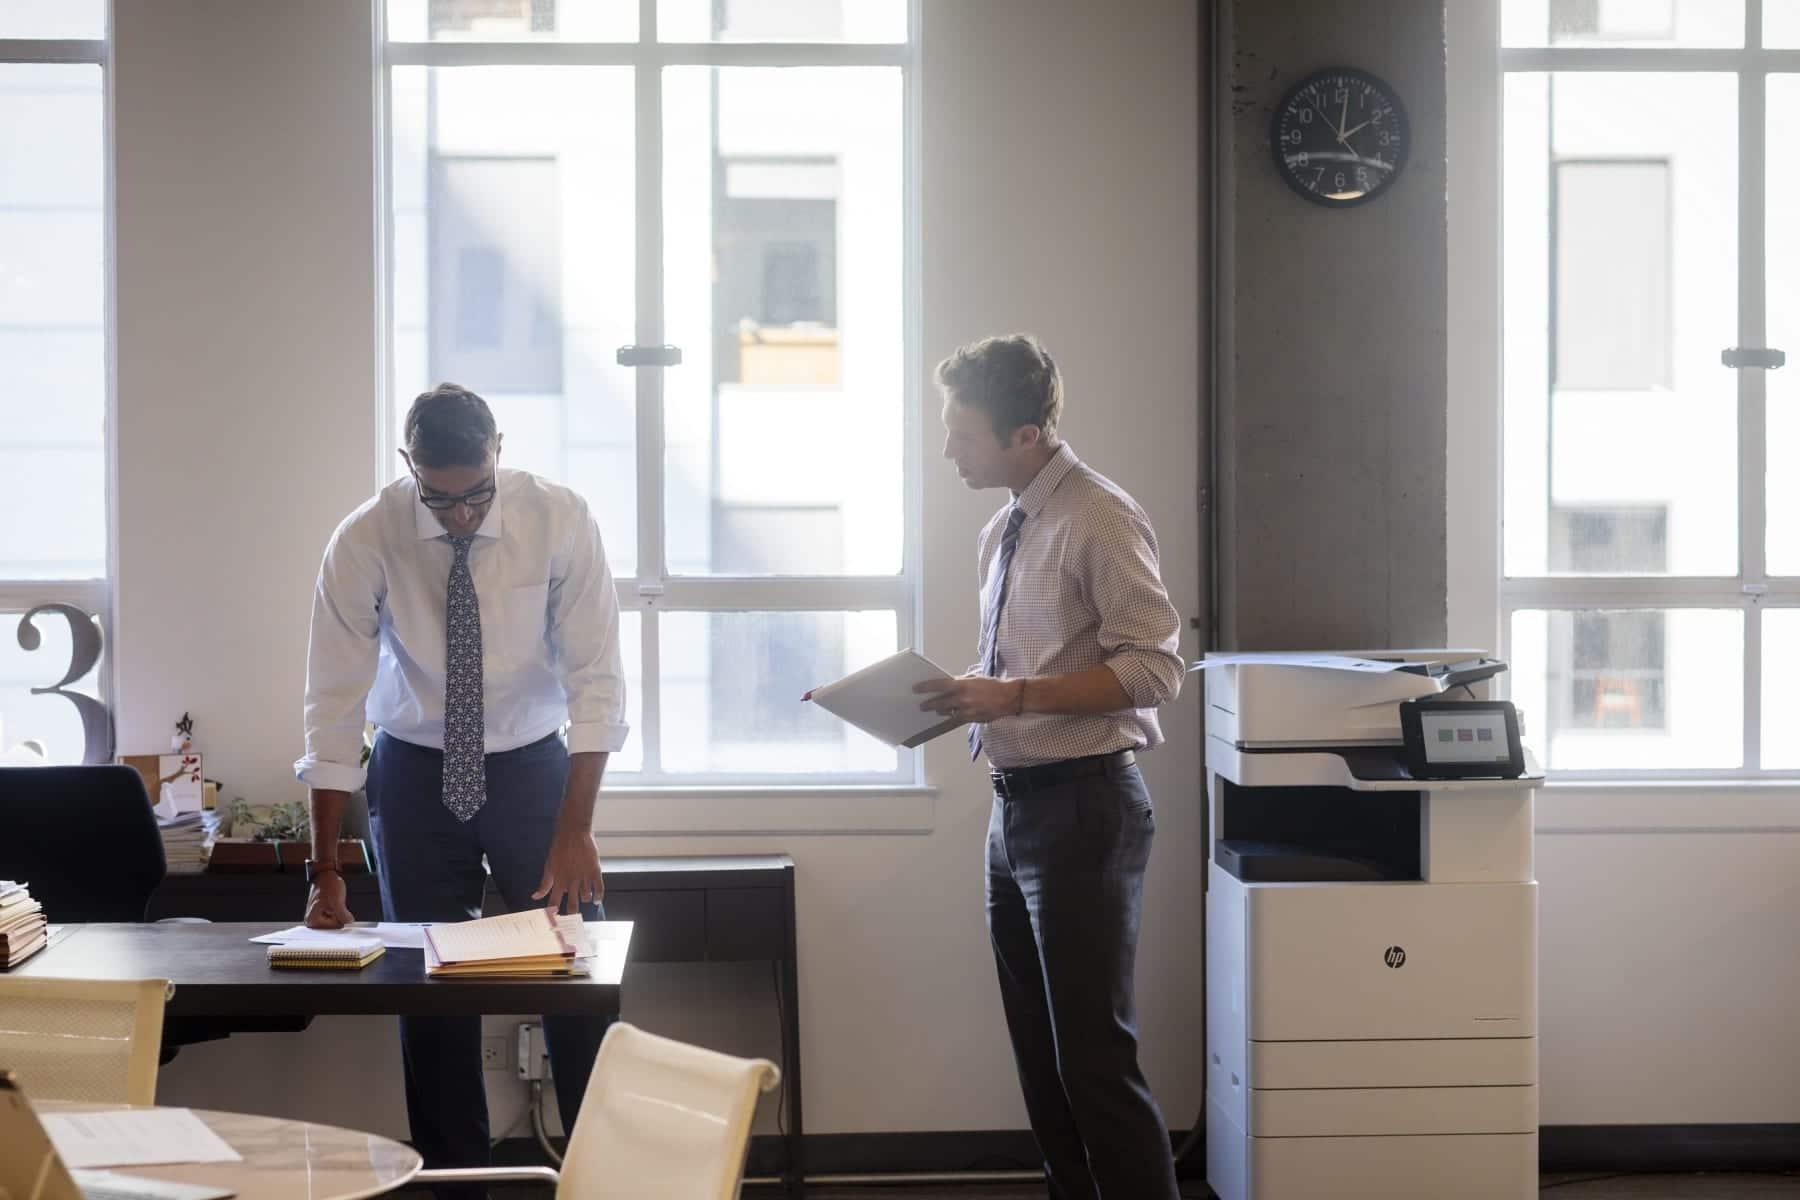 Wenn Firmen einen neuen Kopierer suchen, fällt die Auswahl oft schwer. Mit wenigen Tipps & Trick helfen wir Ihrer Firma bei der Auswahl.